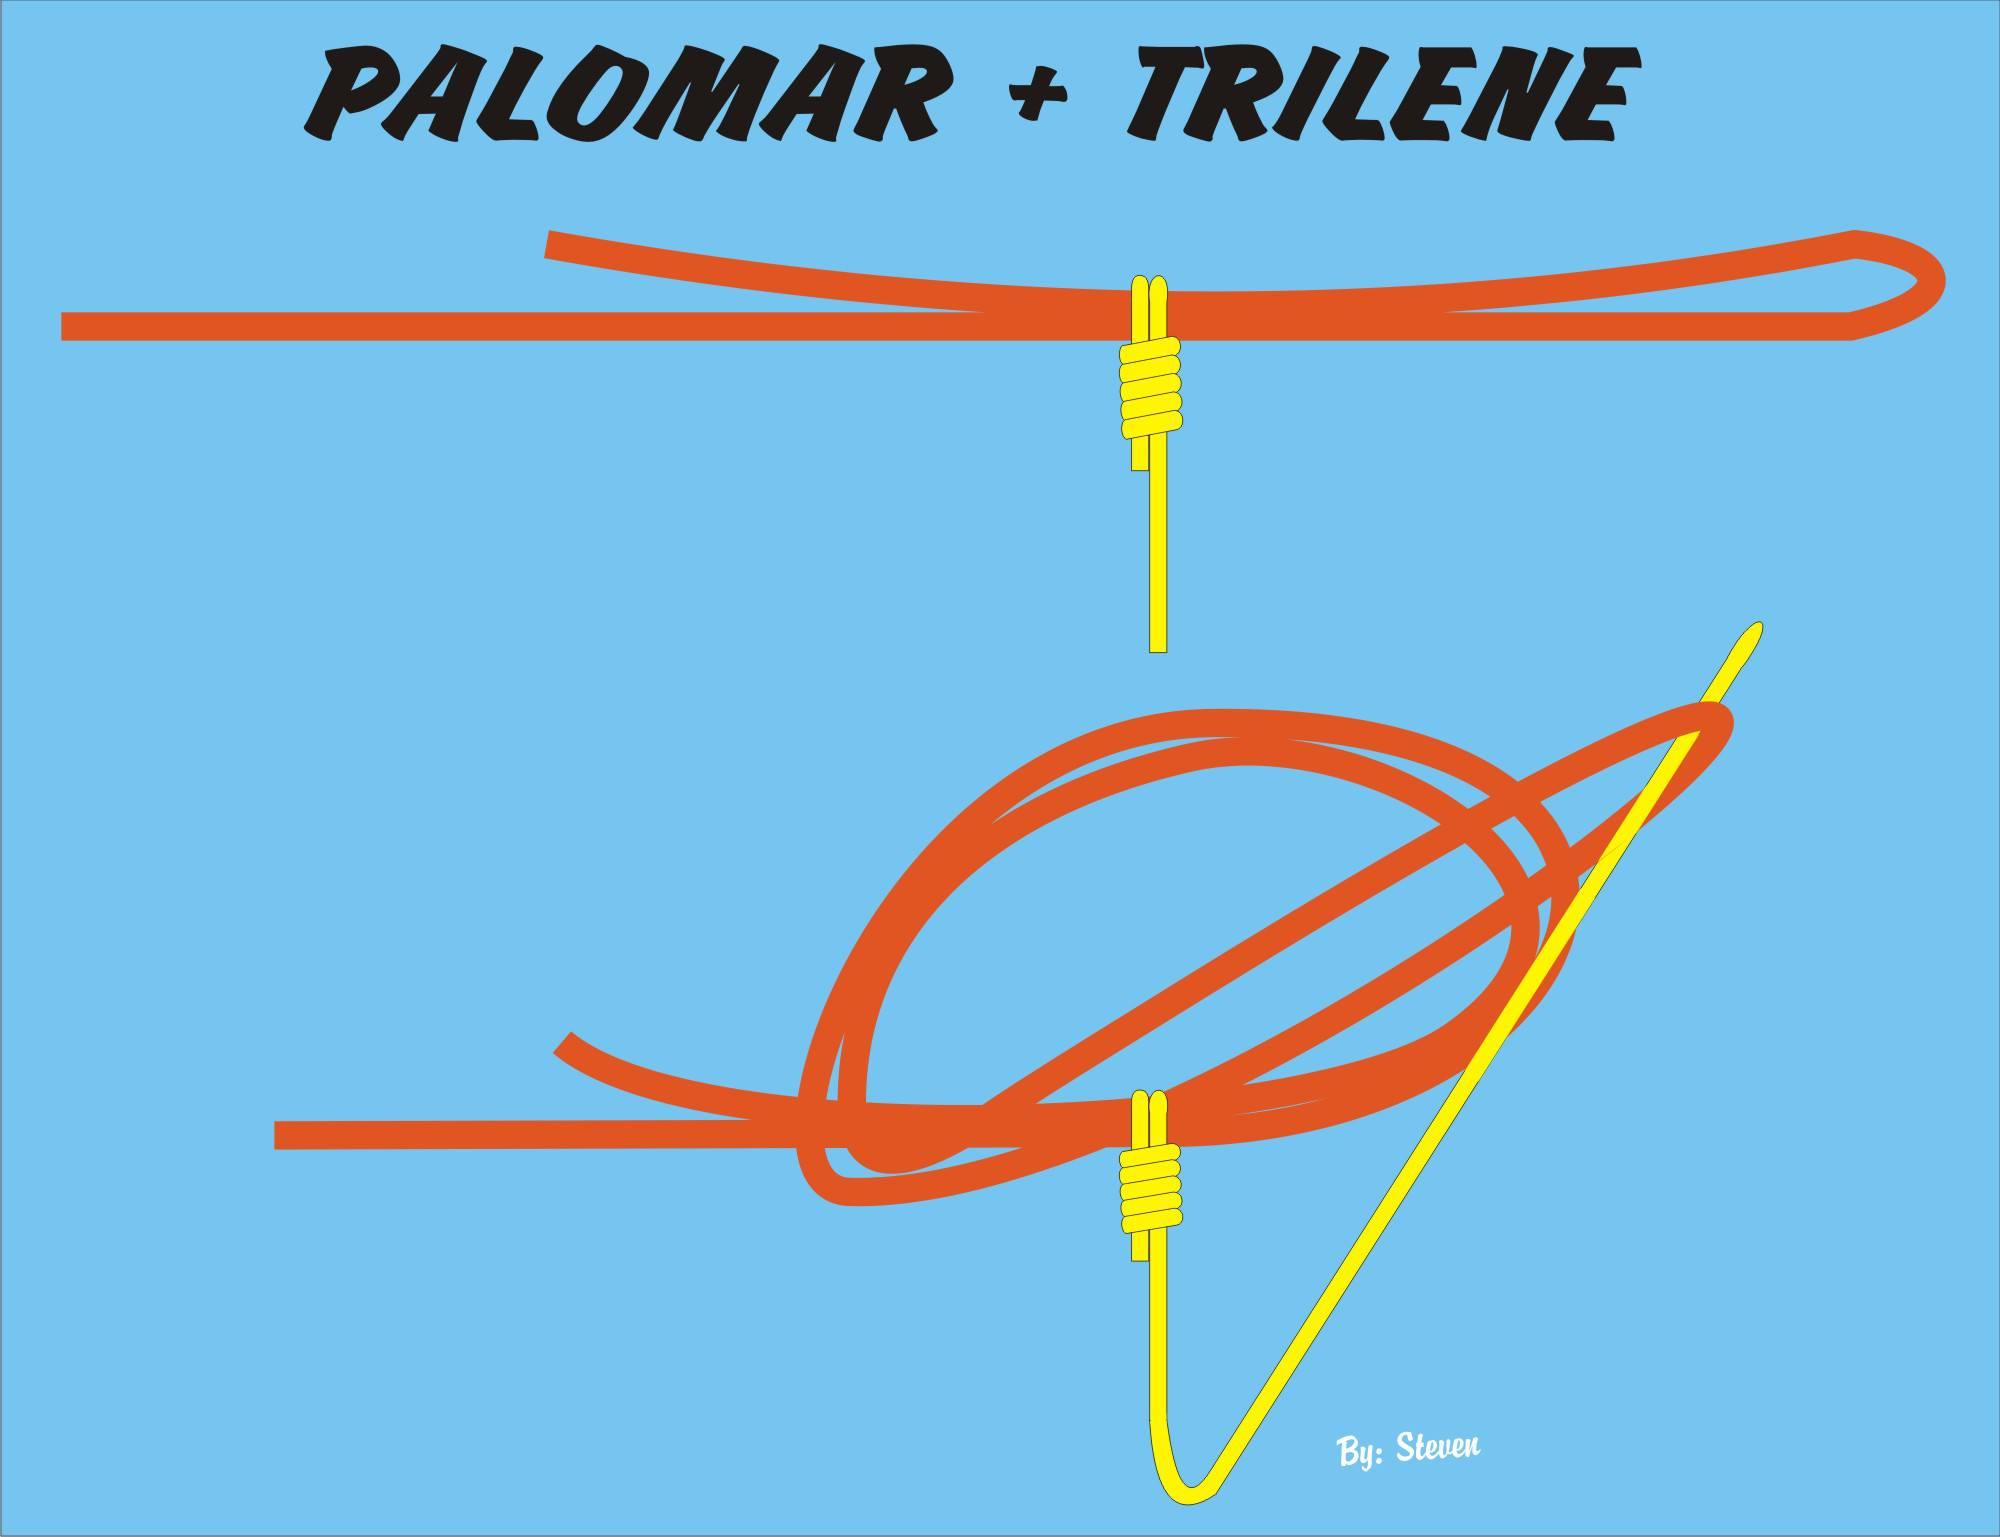 palomar + trilene